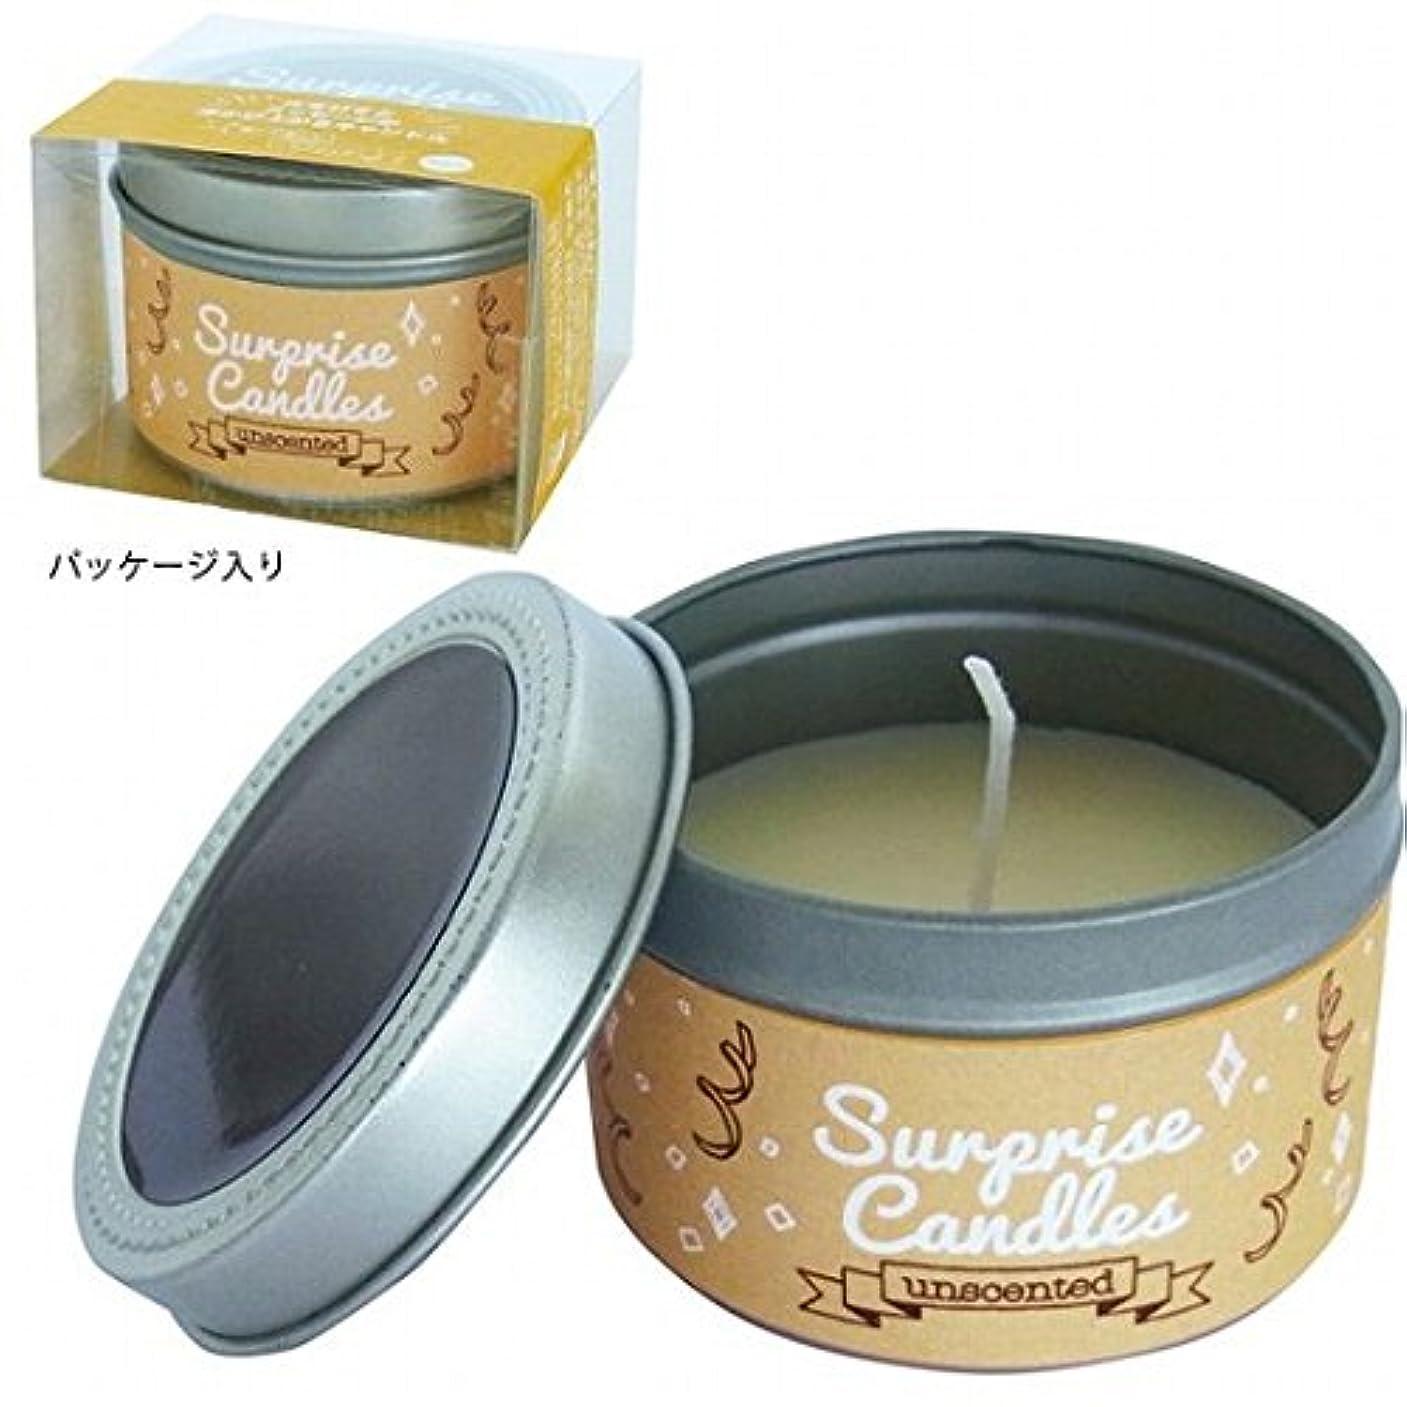 説得残る成功カメヤマキャンドル( kameyama candle ) サプライズキャンドル 「無香」